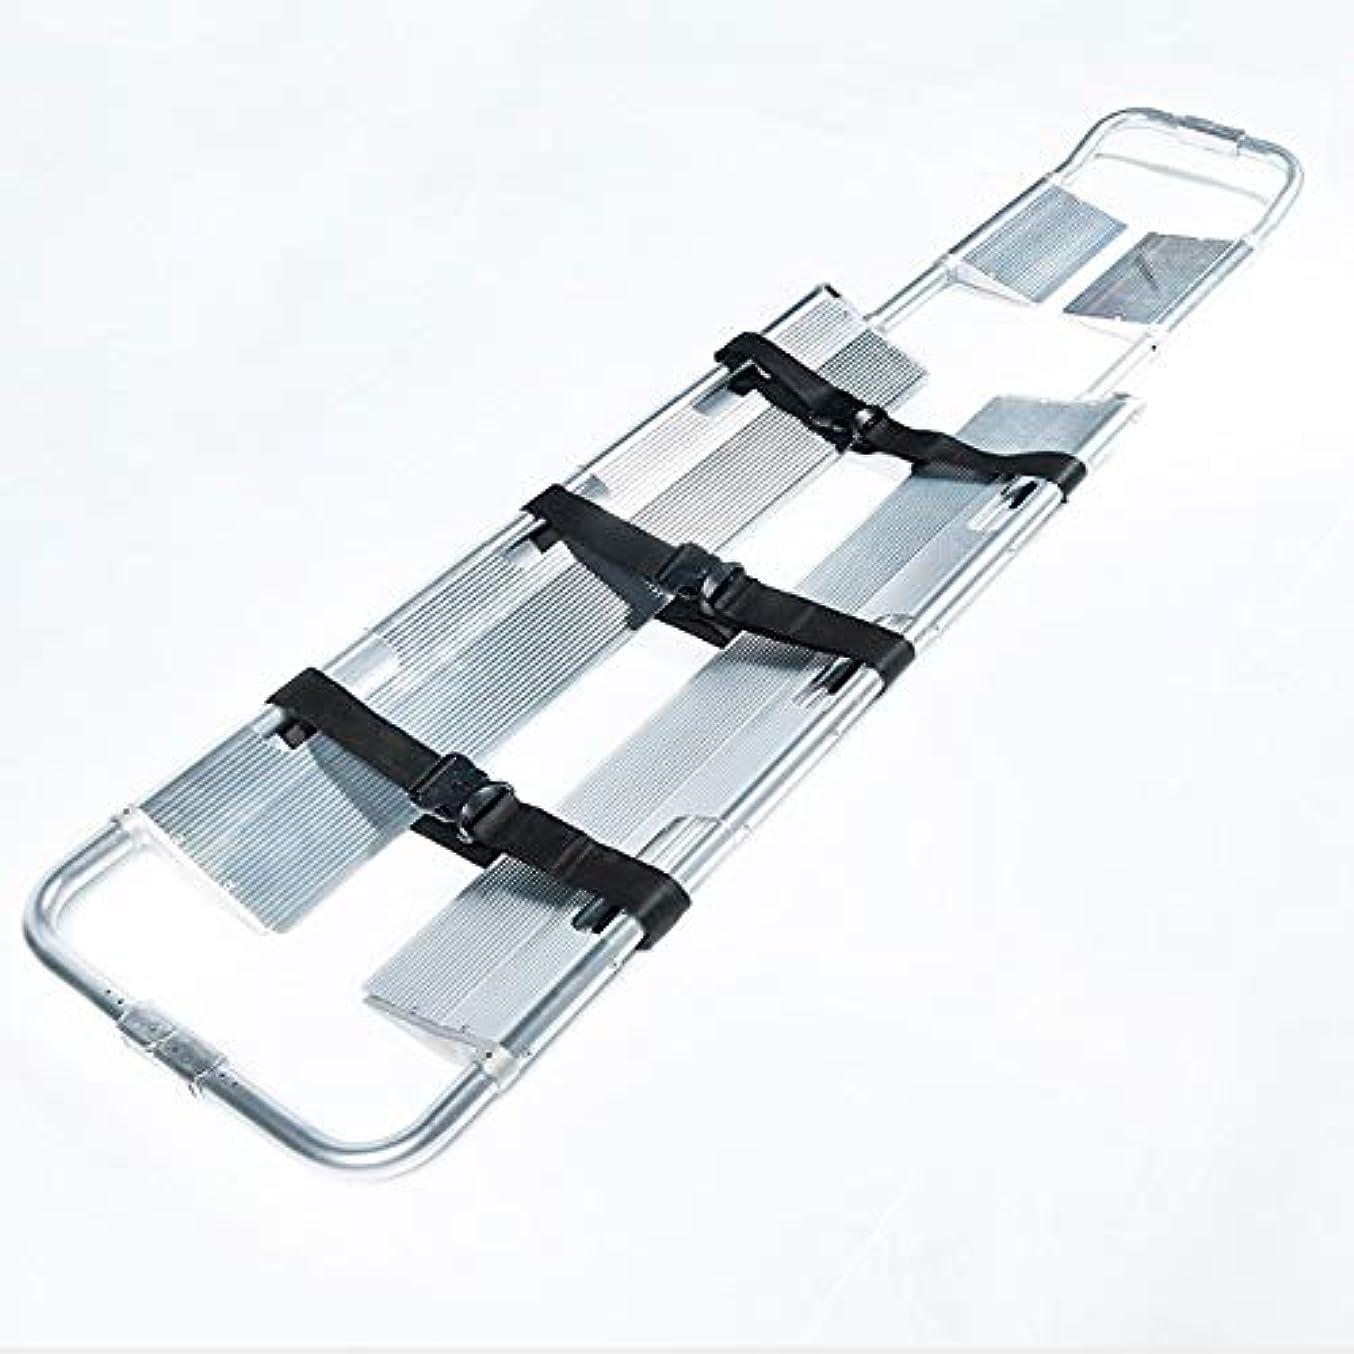 確認心理的これら整形外科用ストレッチャー救急車プロファイルストレッチャー用ストラップ (Color : A)